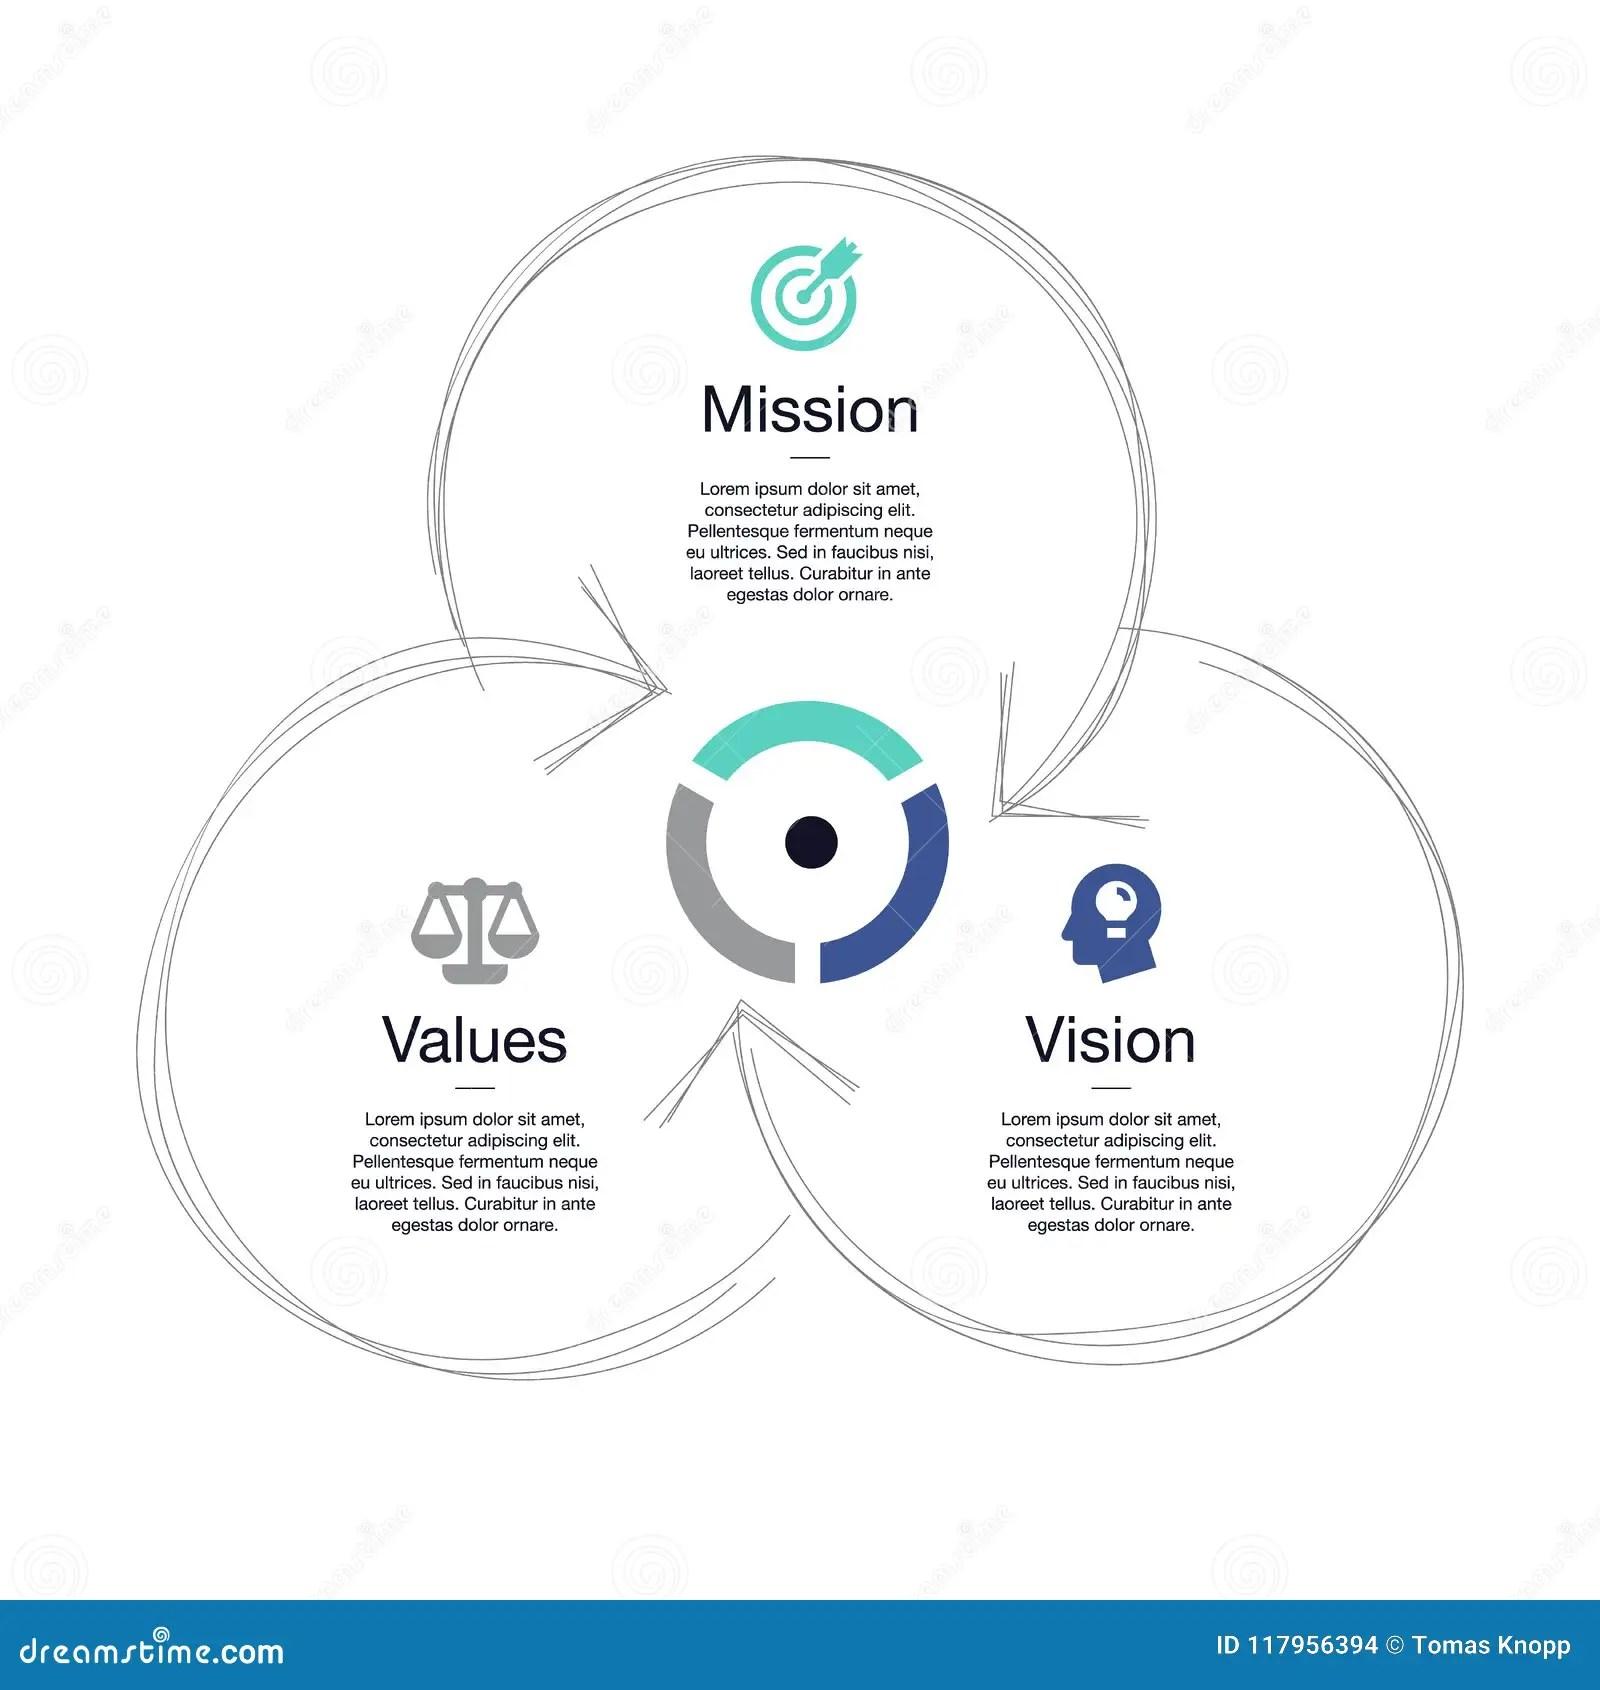 La Visualisation Simple Pour La Mission La Vision Et Les